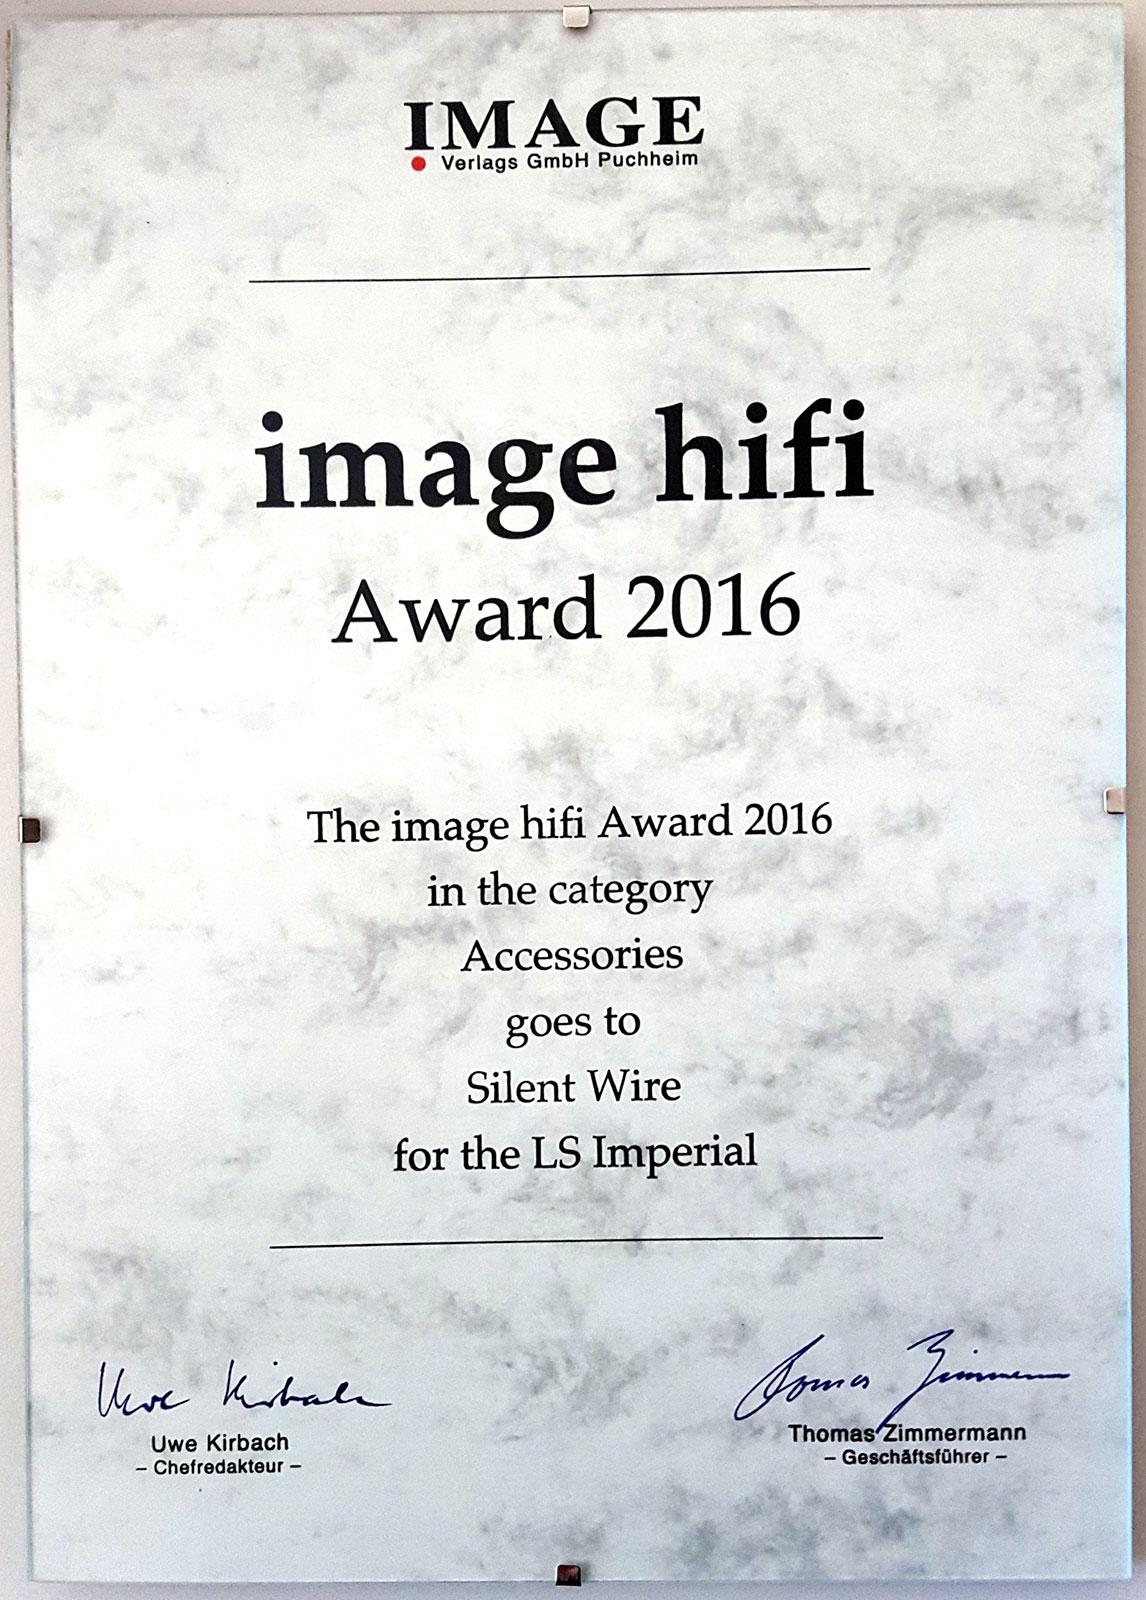 image hifi award 2016 ls imperial